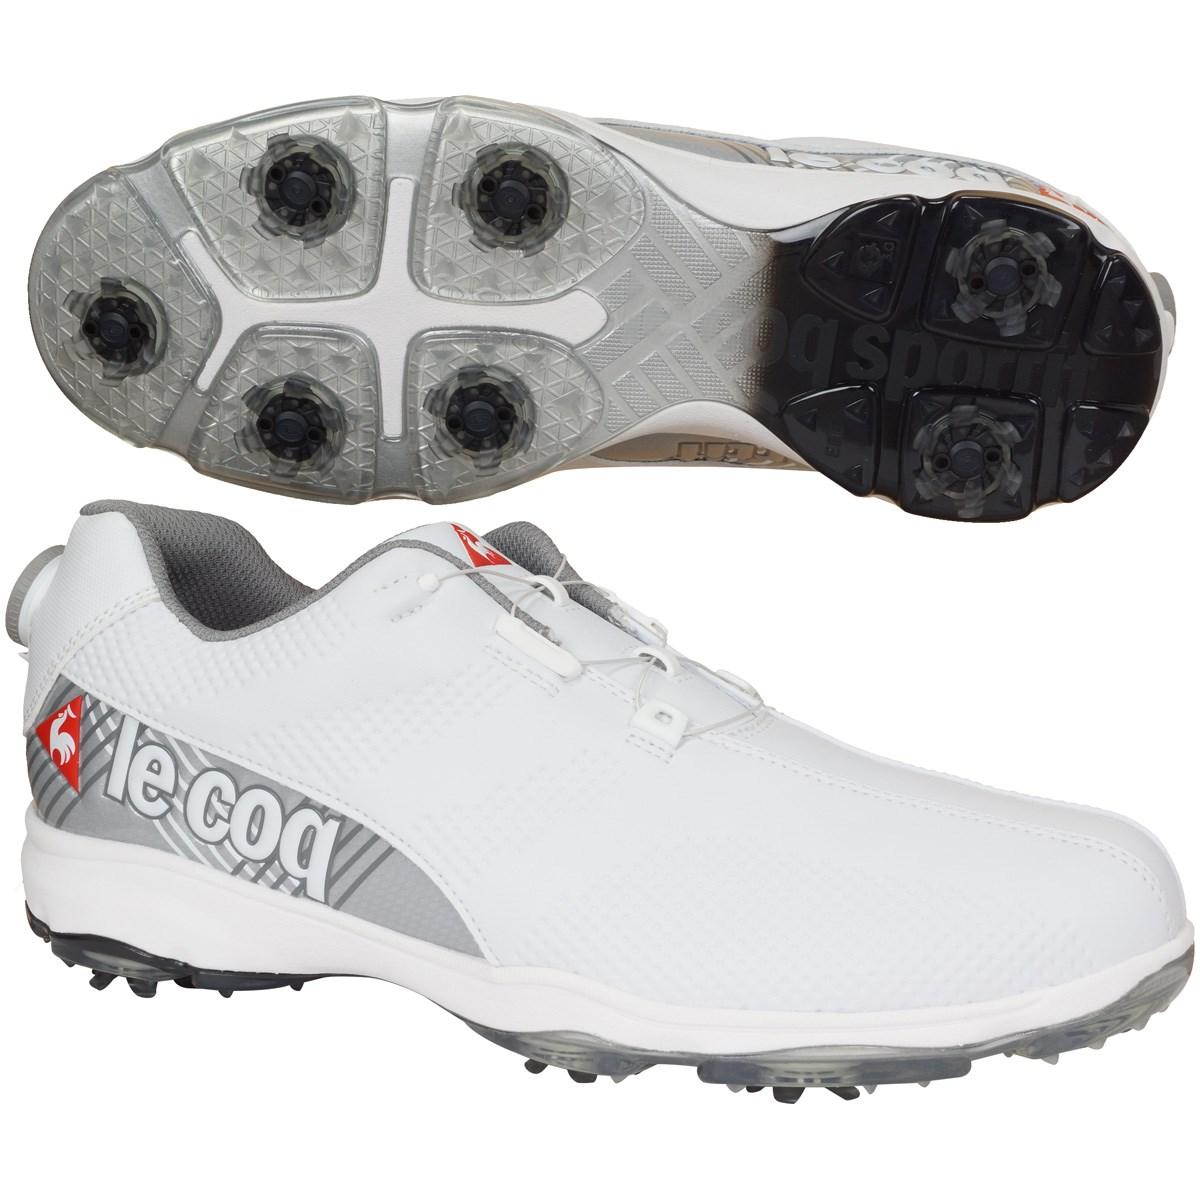 ルコックゴルフ Le coq sportif GOLF ゴルフシューズ [ゴルフ シューズ 靴 ゴルフシューズ メンズ 即納 あす楽]